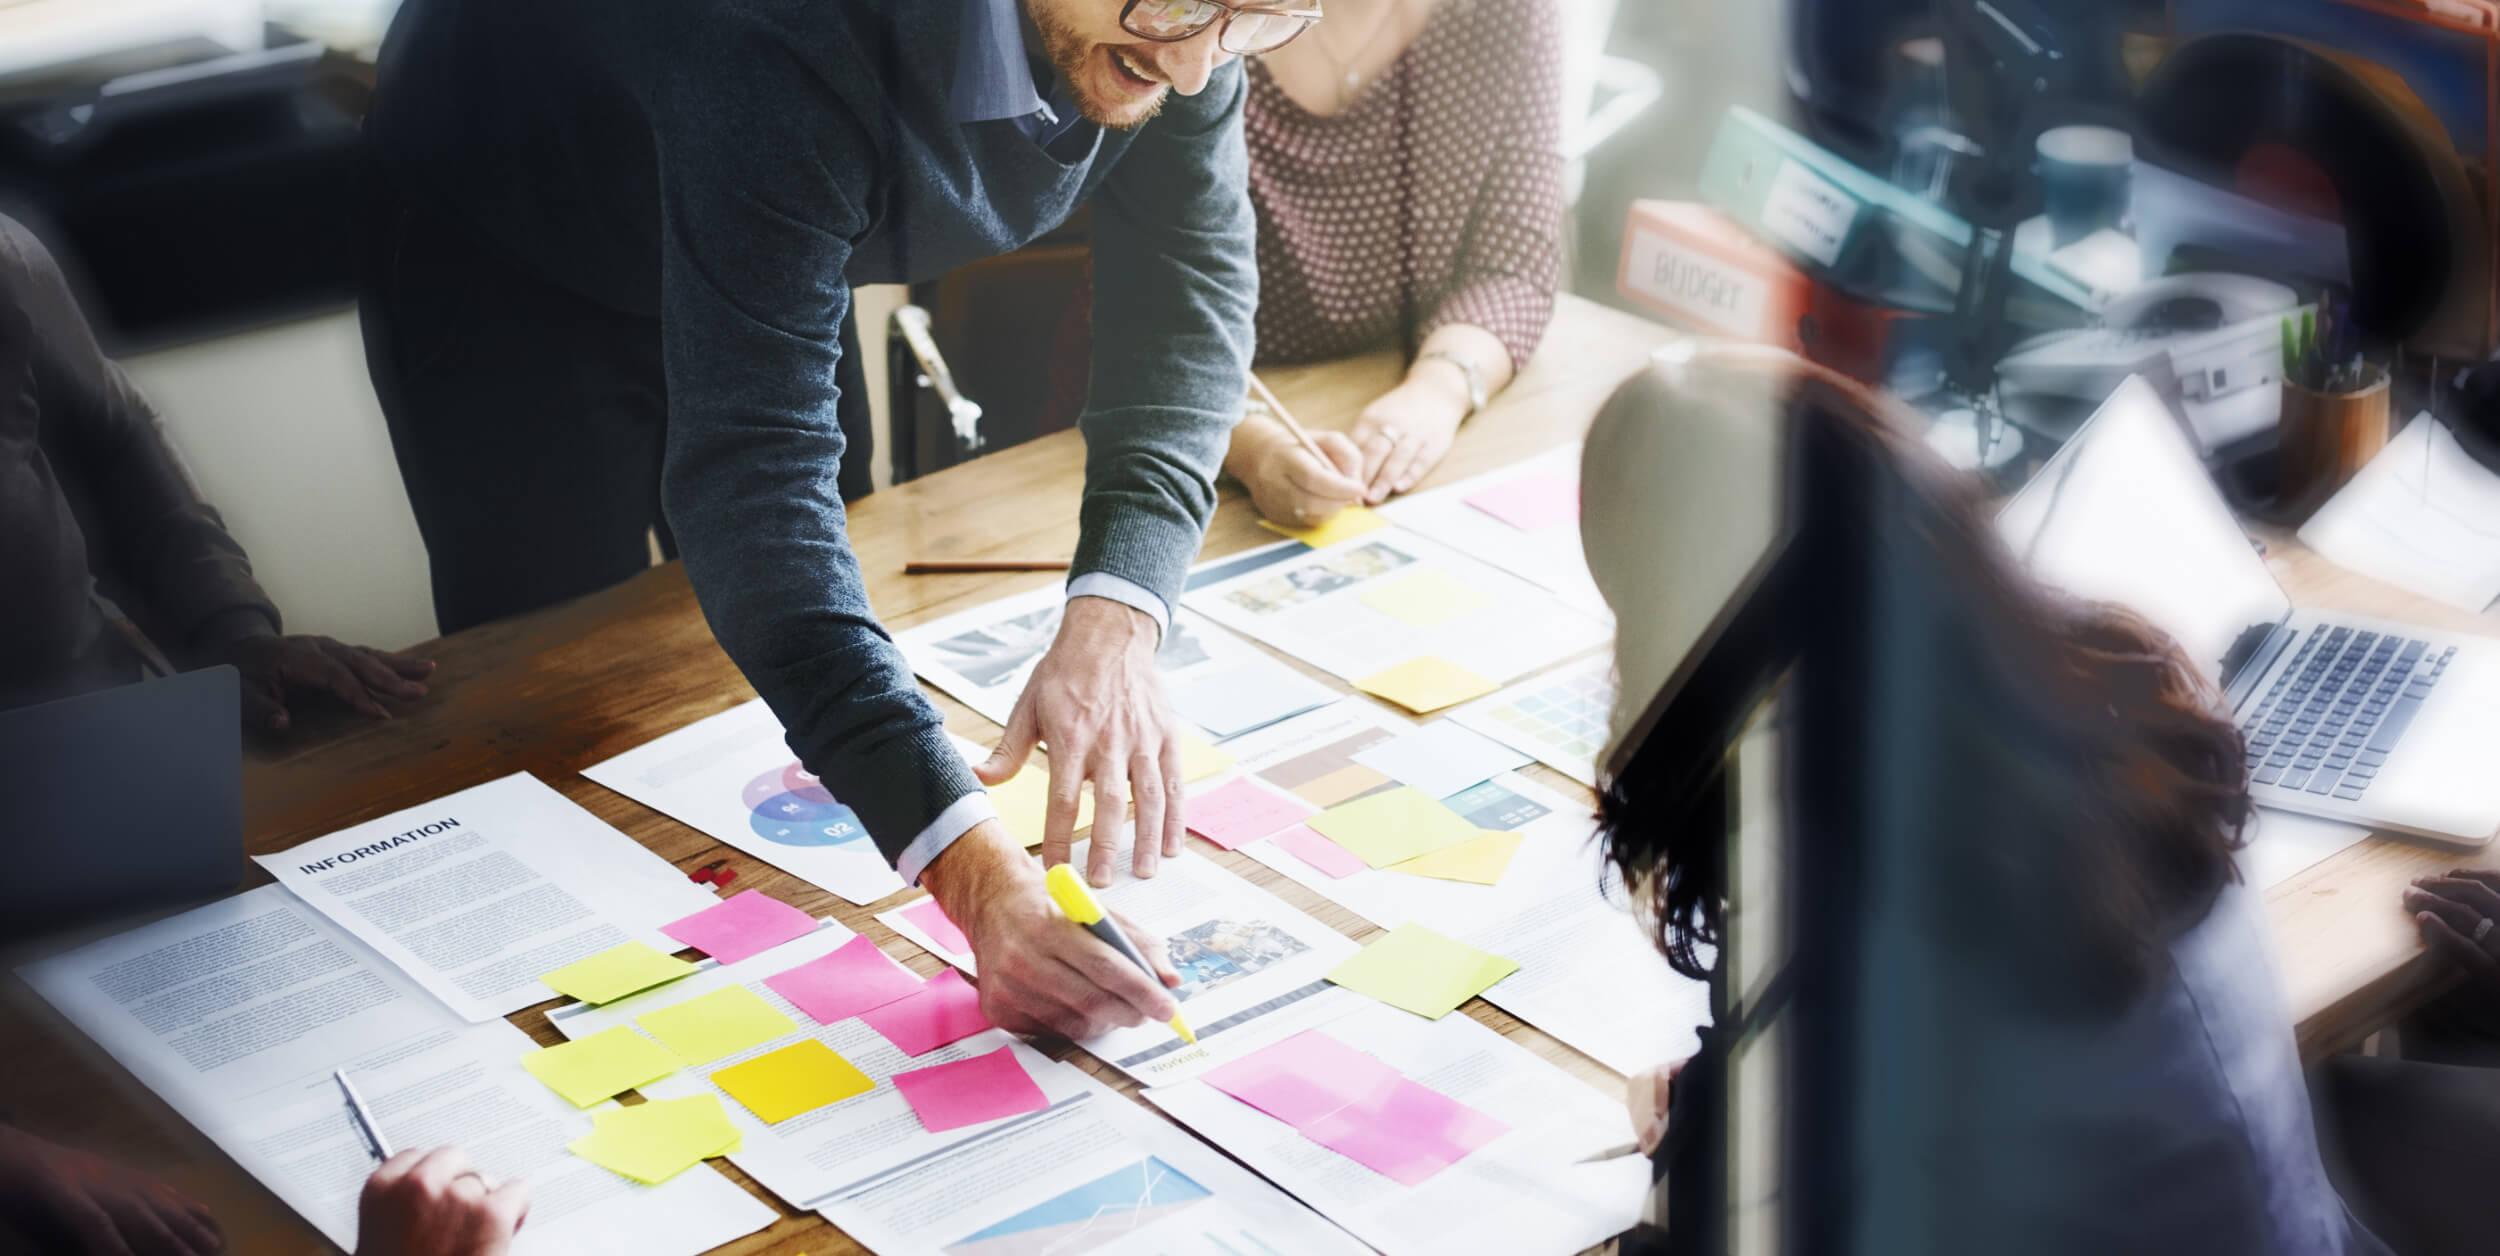 Strategisk planering på ett bord